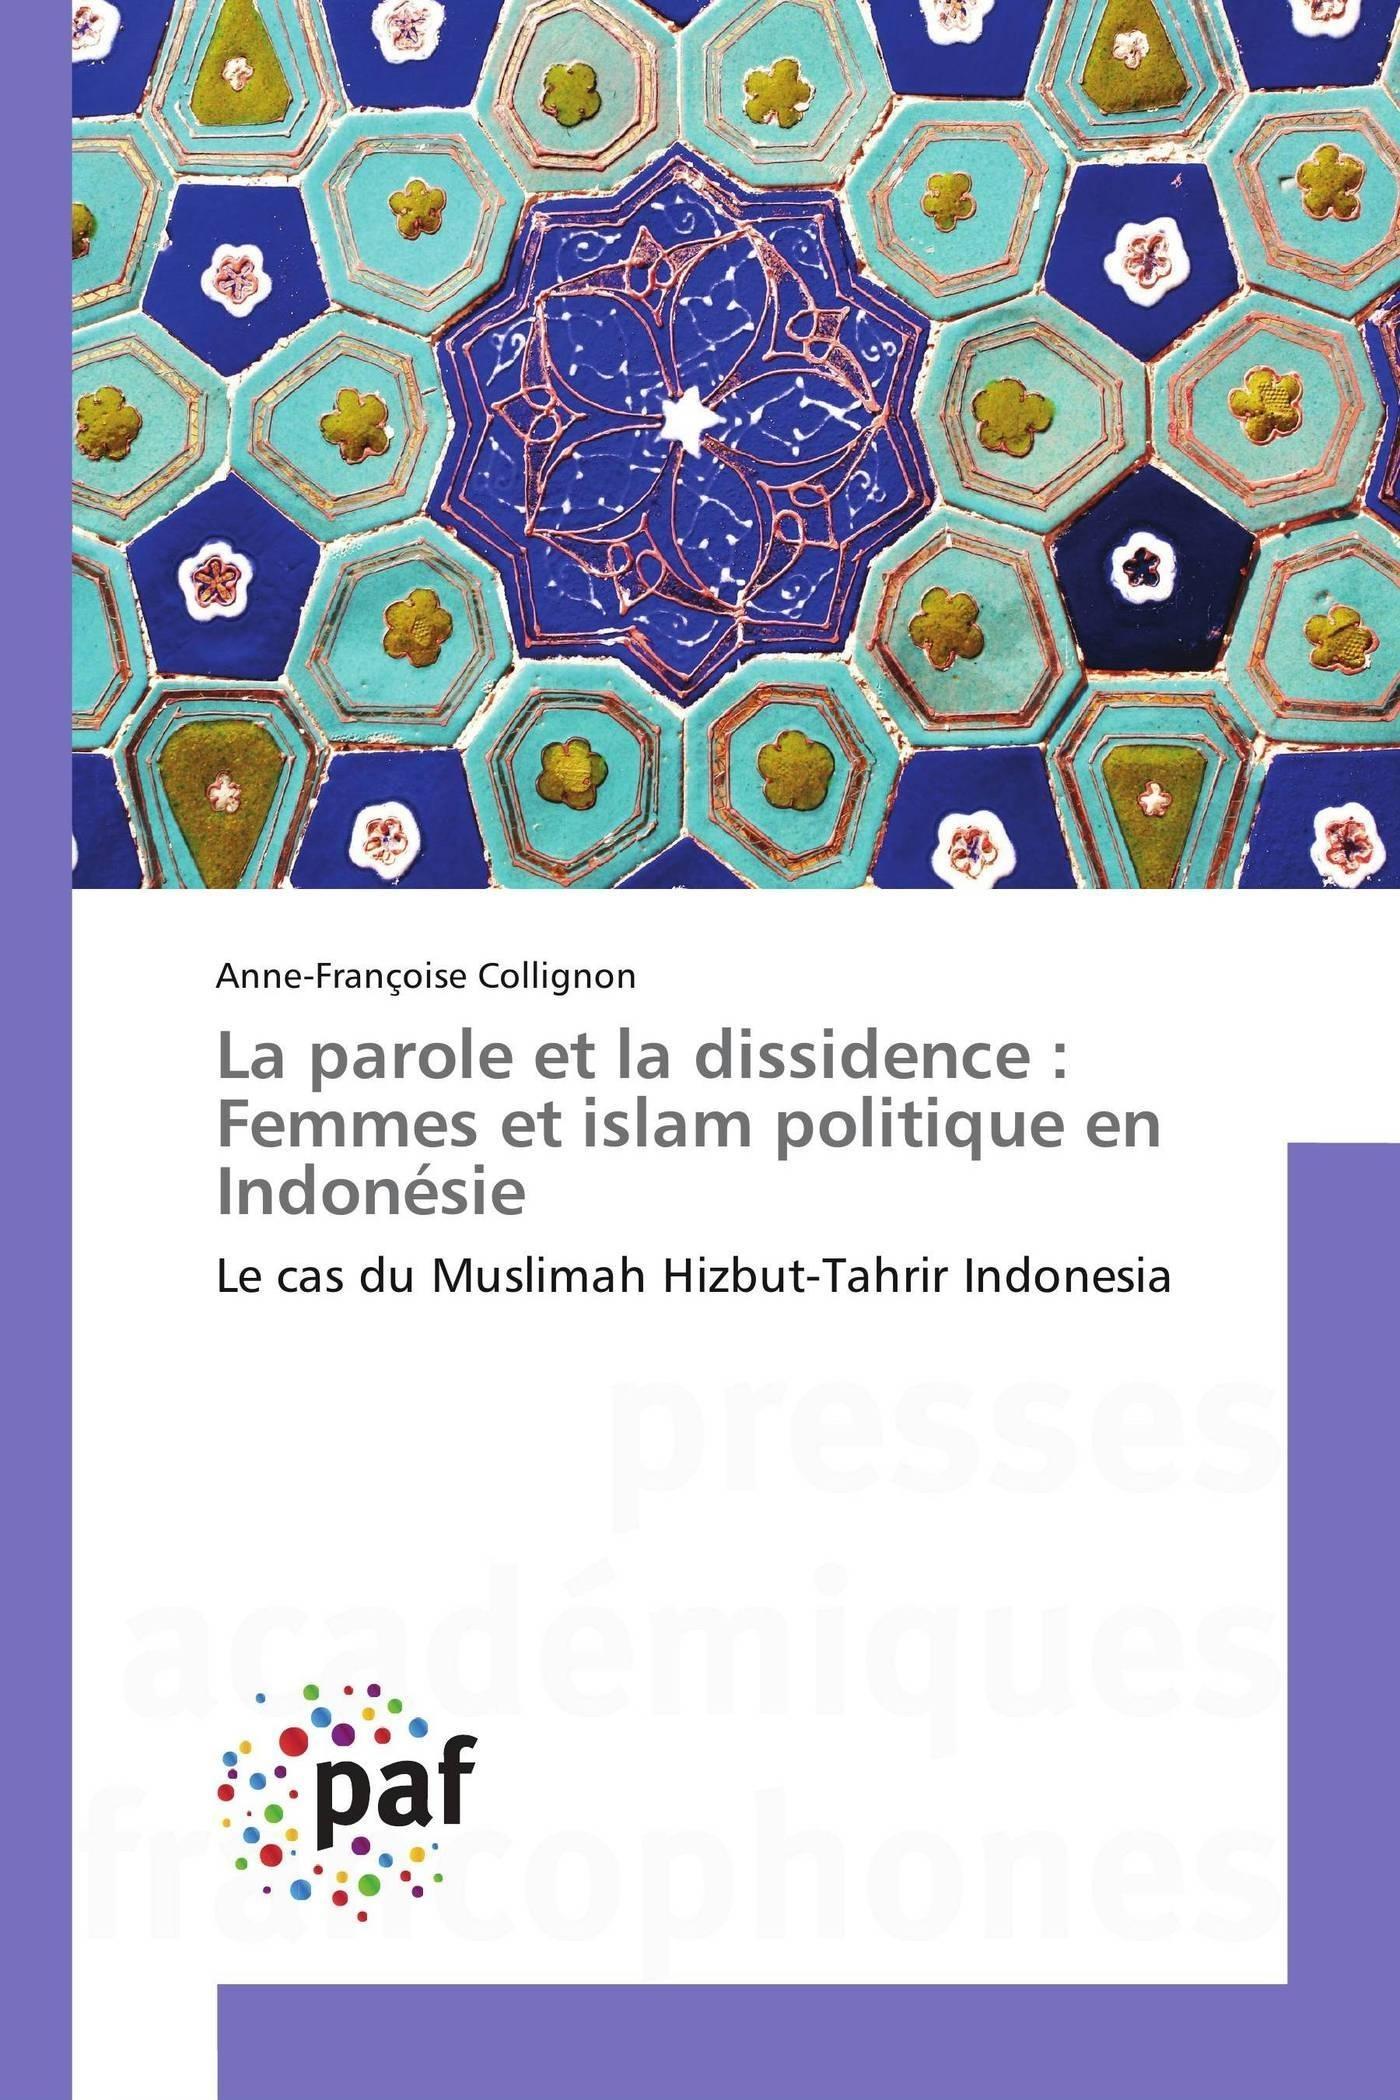 LA PAROLE ET LA DISSIDENCE : FEMMES ET ISLAM POLITIQUE EN INDONESIE